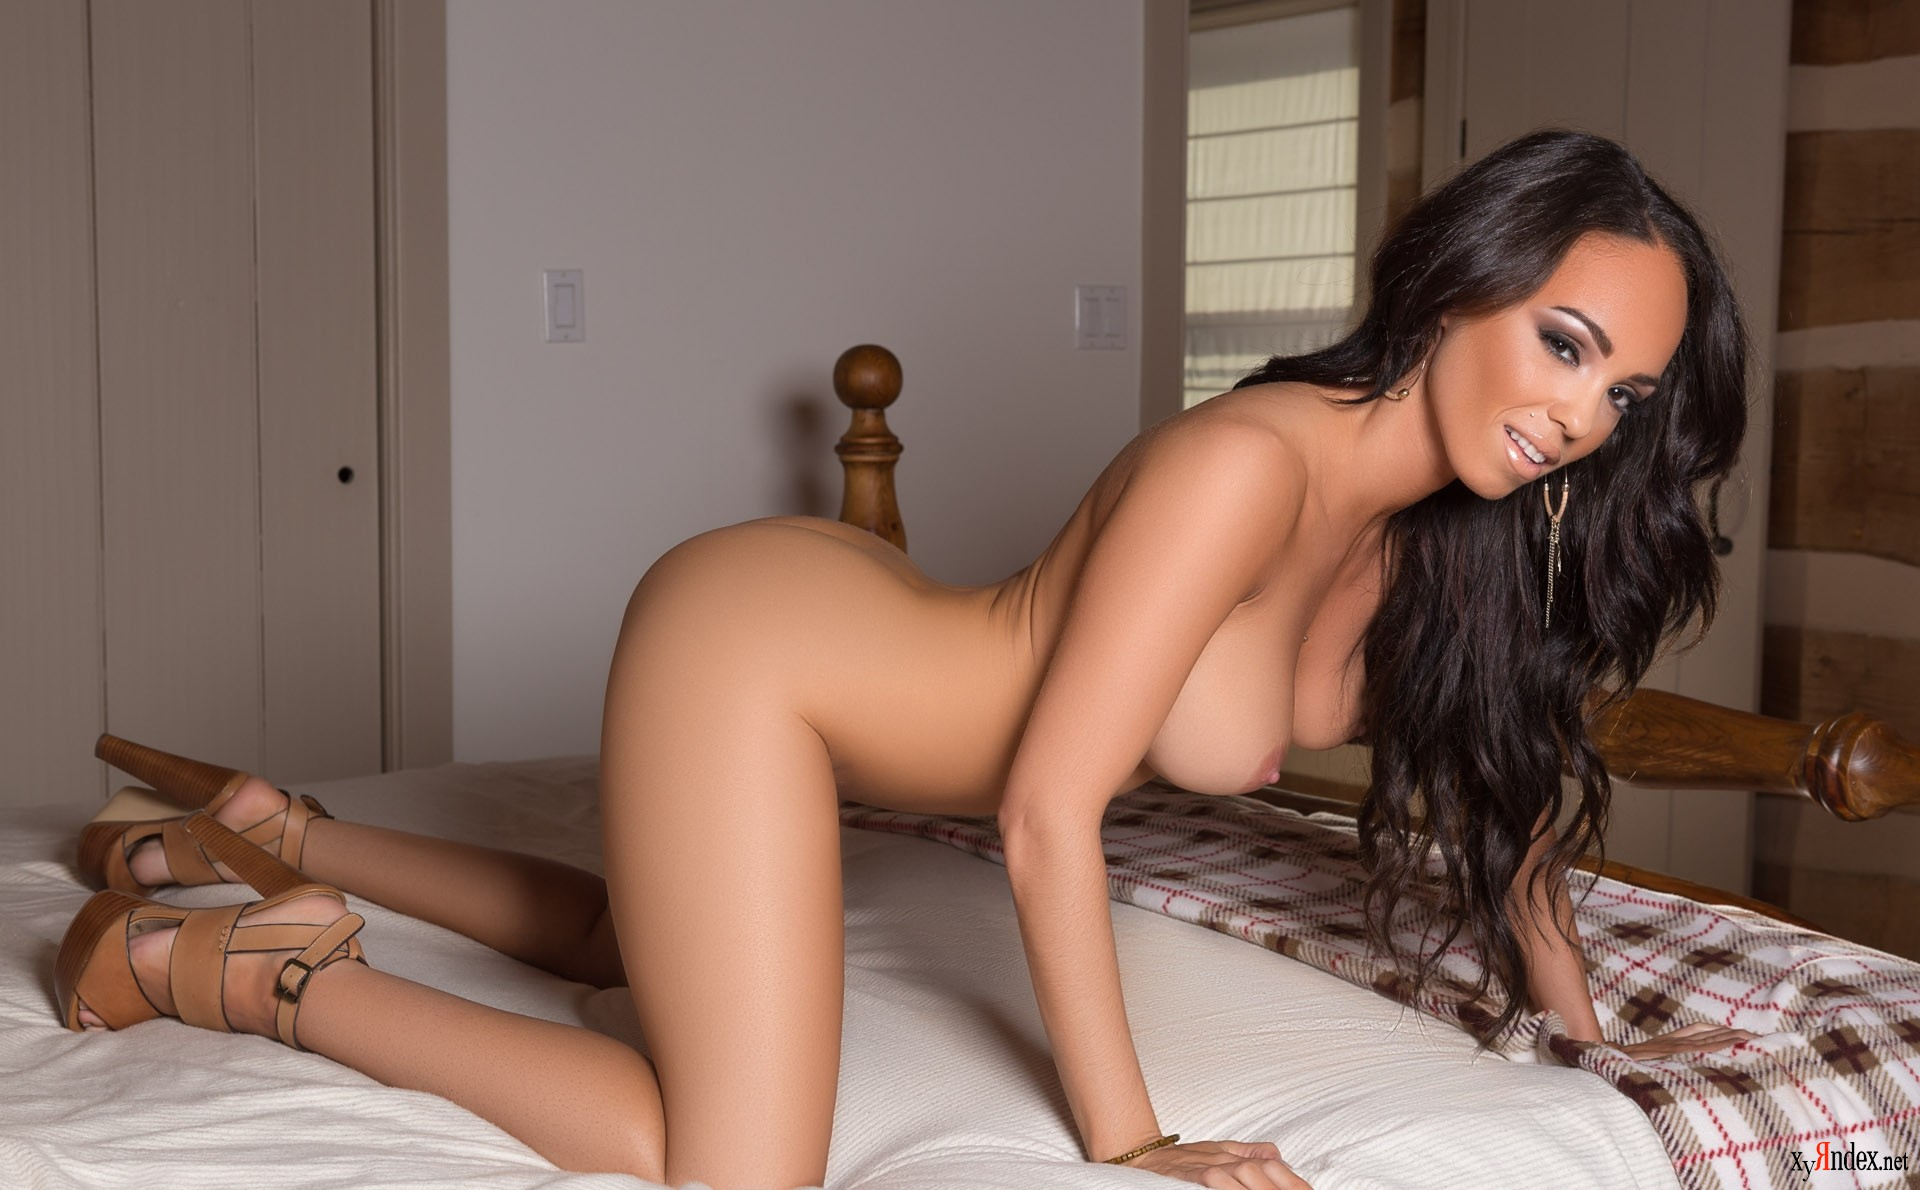 angela-marie-nude-porno-anal-black-gif-interracial